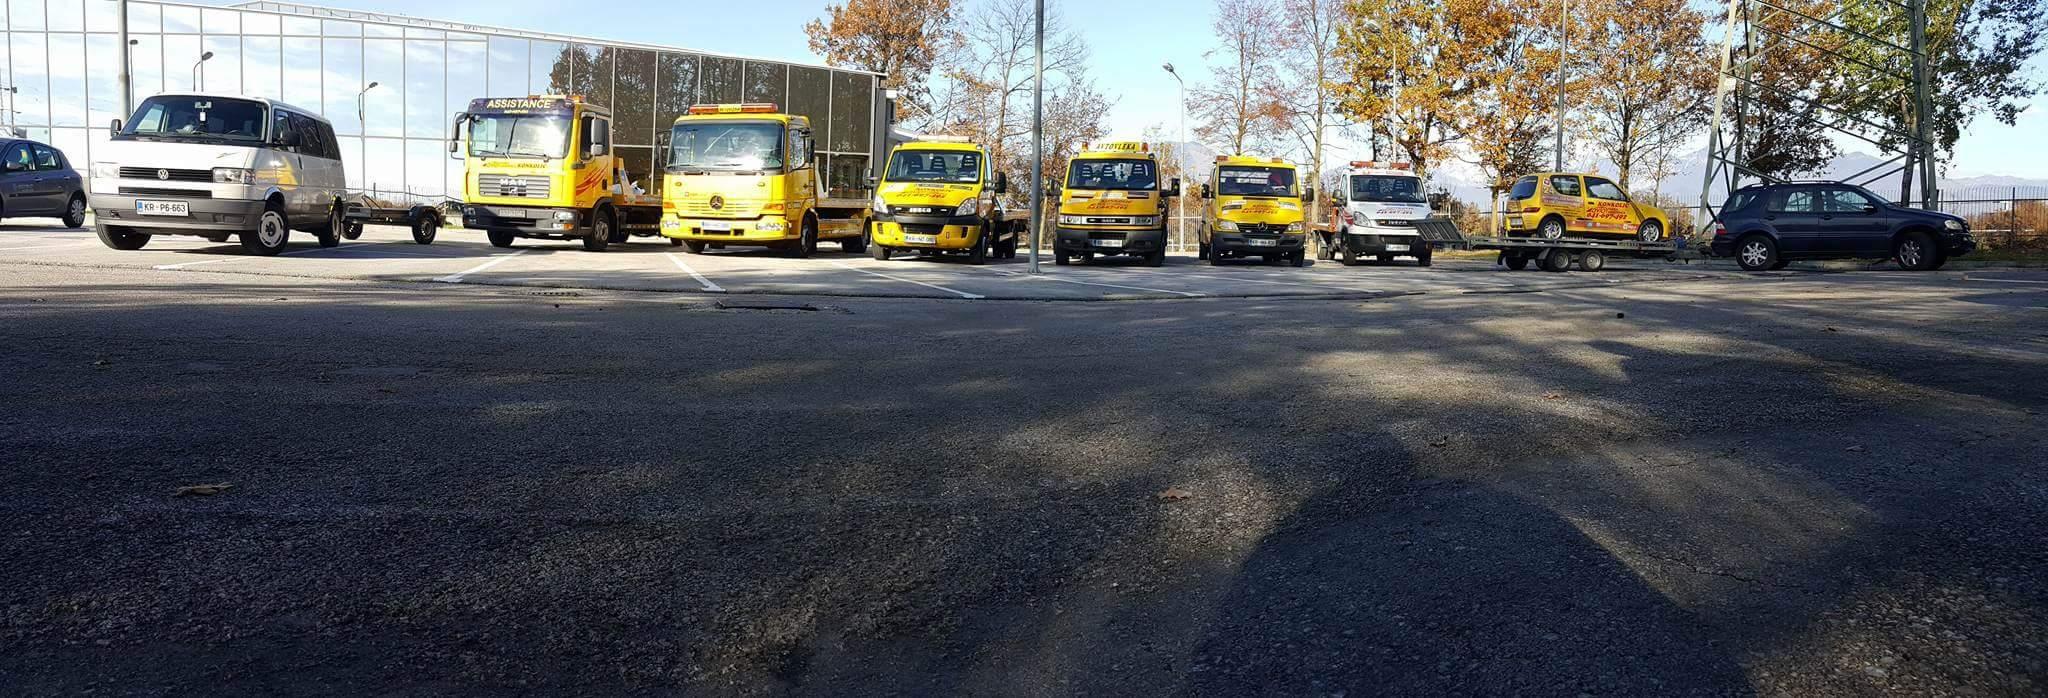 Avtovleka Kranj - Avtoasistenca Konkolič Kranj, Towing Service Kranj, Abschleppdienst Kranj received_10206014330712465